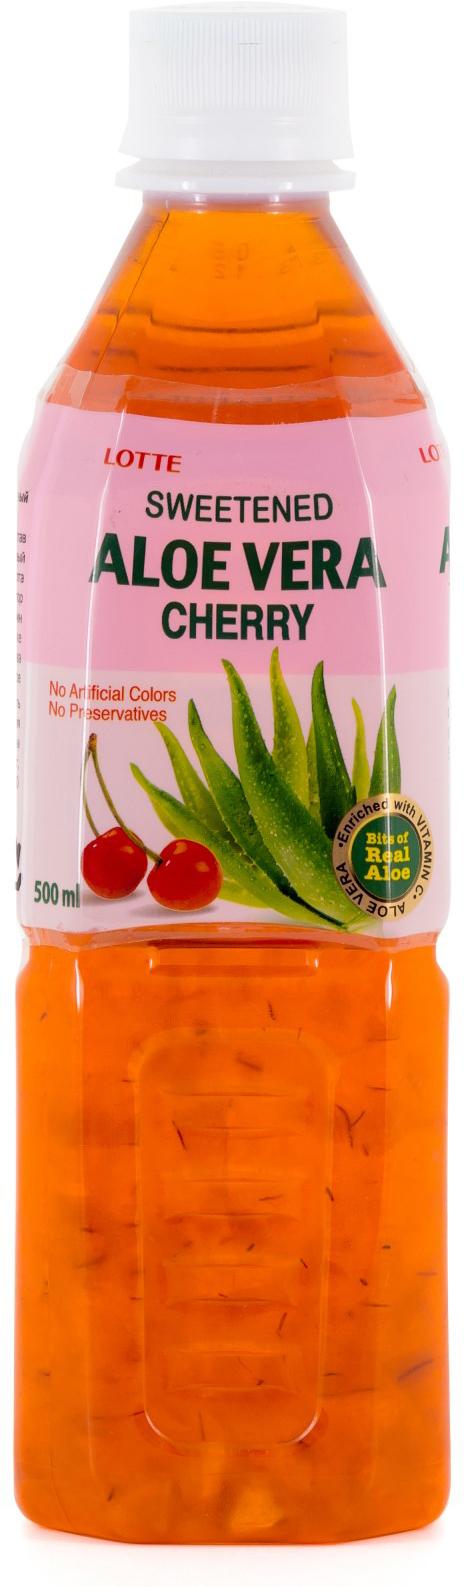 Lotte Aloe Vera напиток безалкогольный негазированный с мякотью алоэ со вкусом Вишни, 500 мл